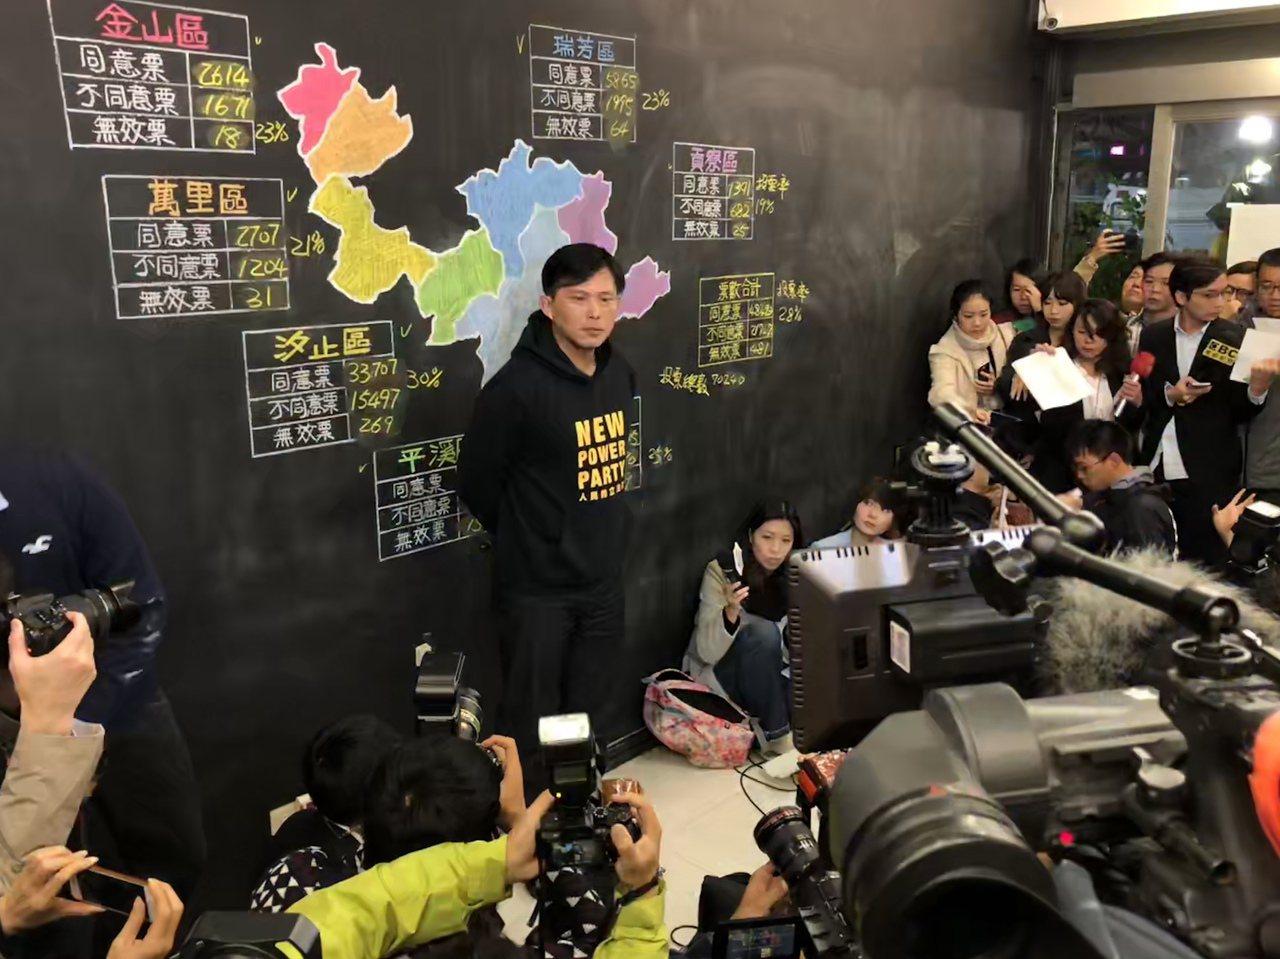 罷昌案未過,黃國昌表示感謝投同意票的人。記者王敏旭/攝影